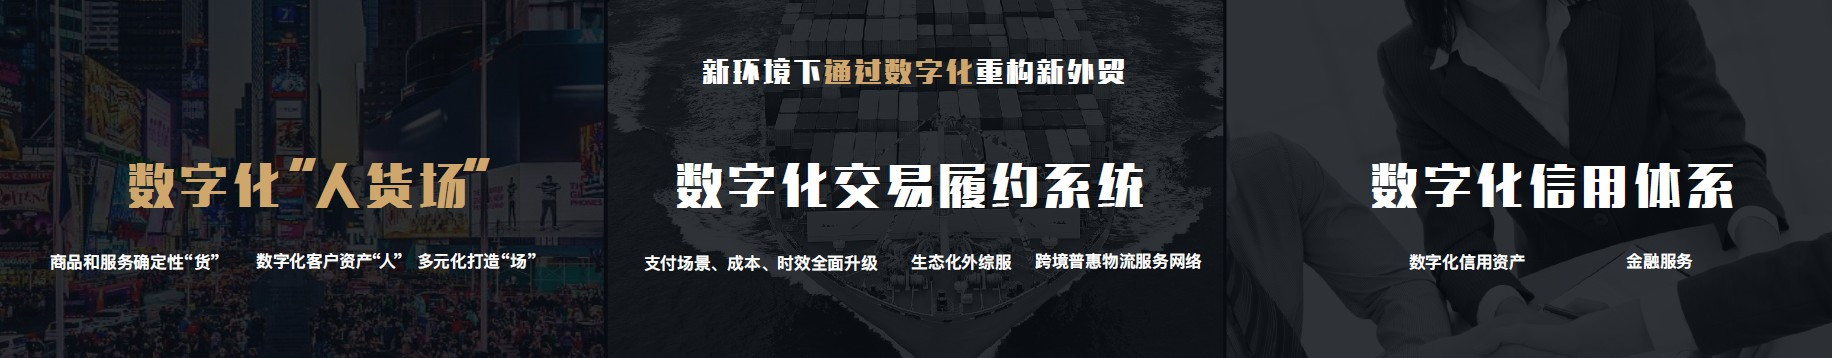 数字化抹平跨境电商鸿沟 新贸节助力外贸稳中提质